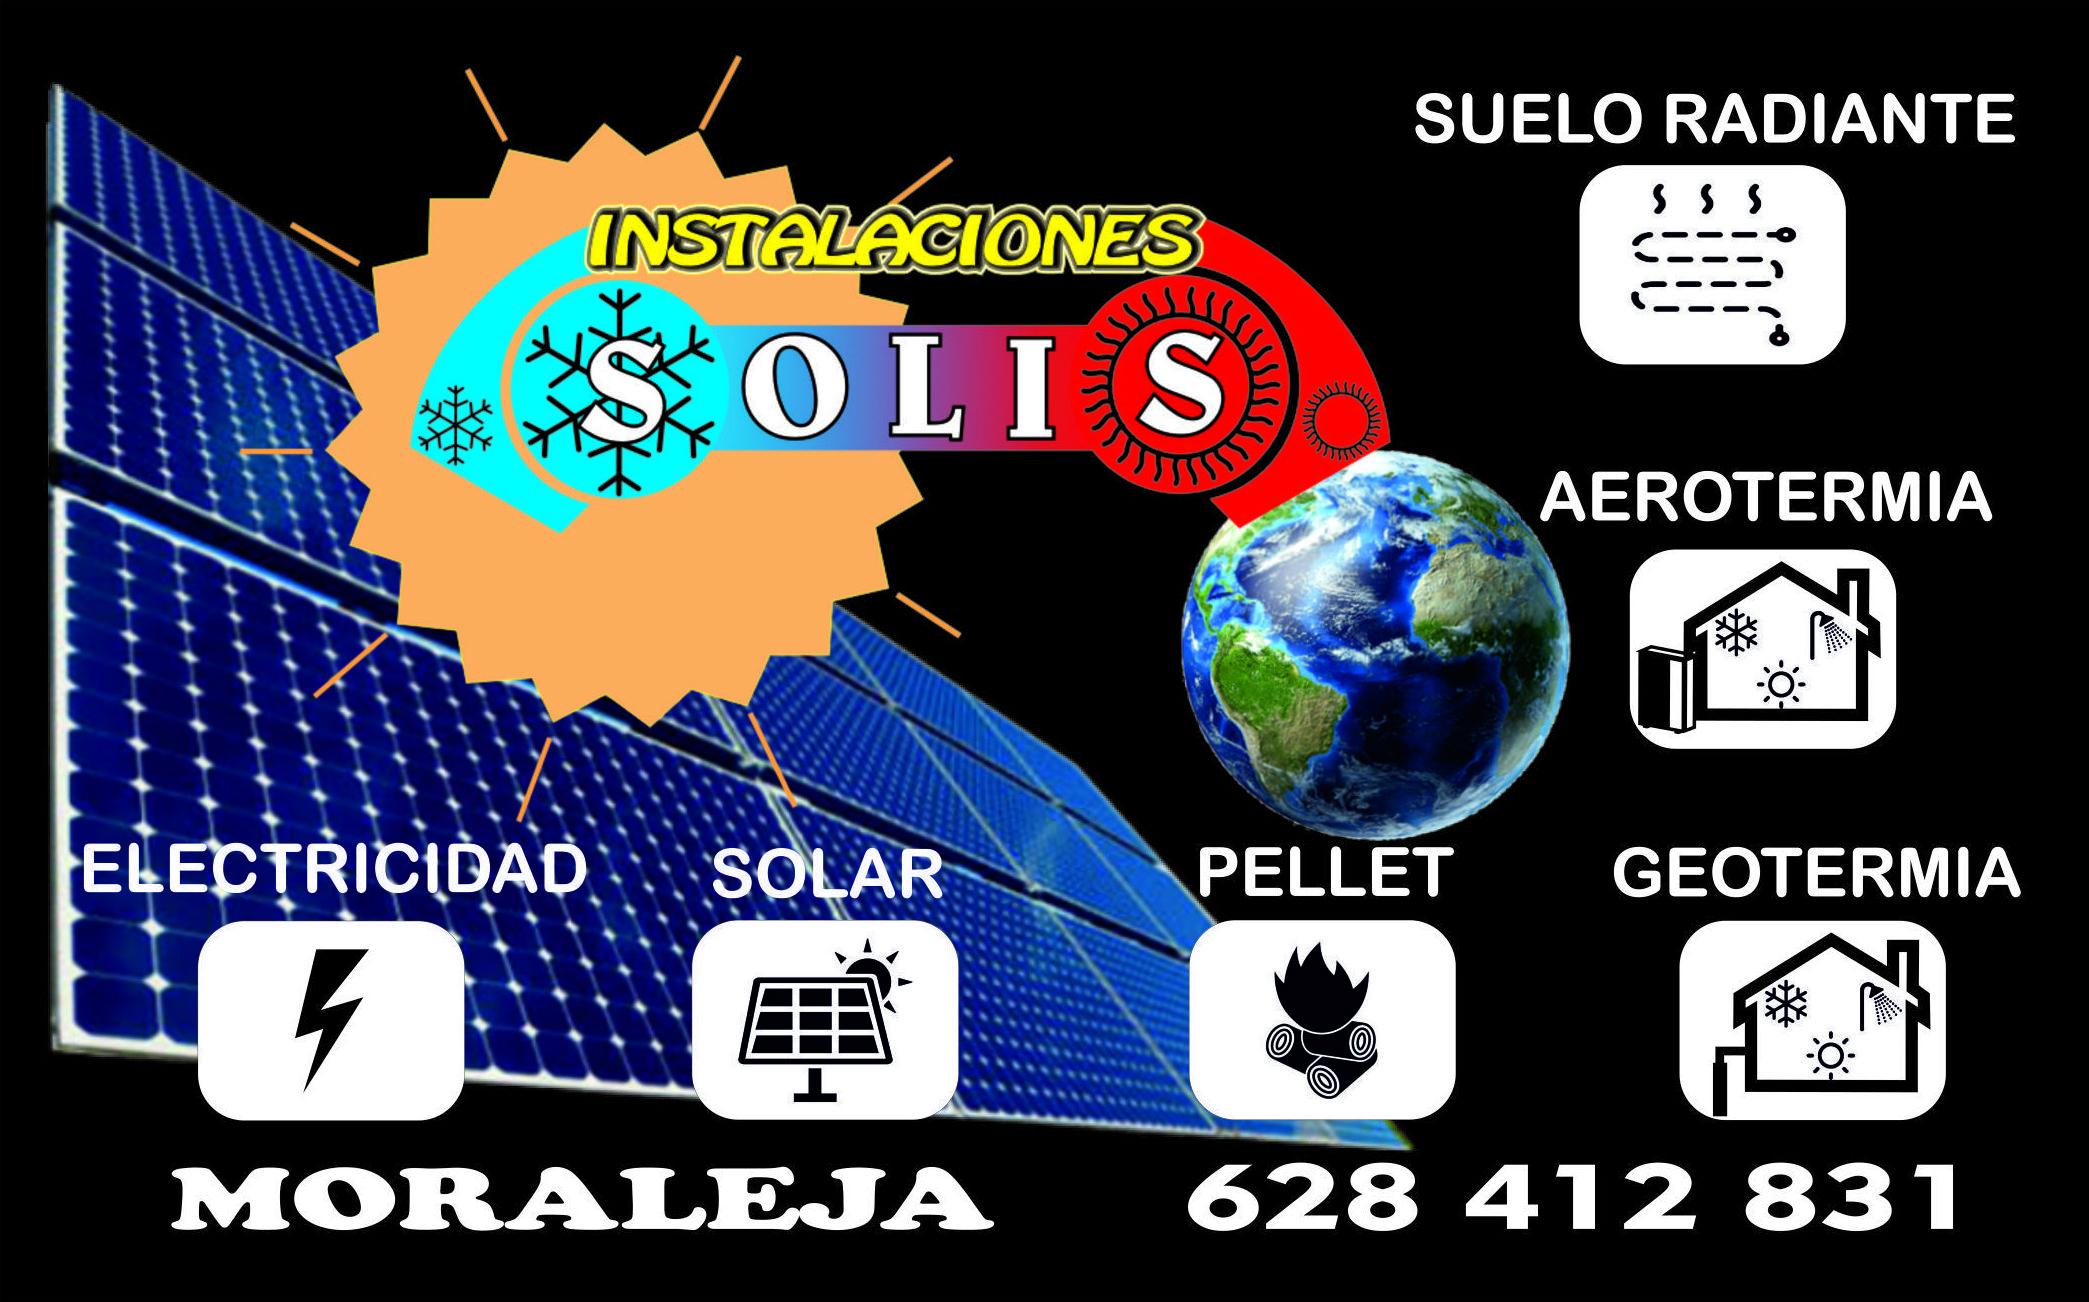 Foto 4 de Energías renovables en Moraleja | Instalaciones Solís, S. L.